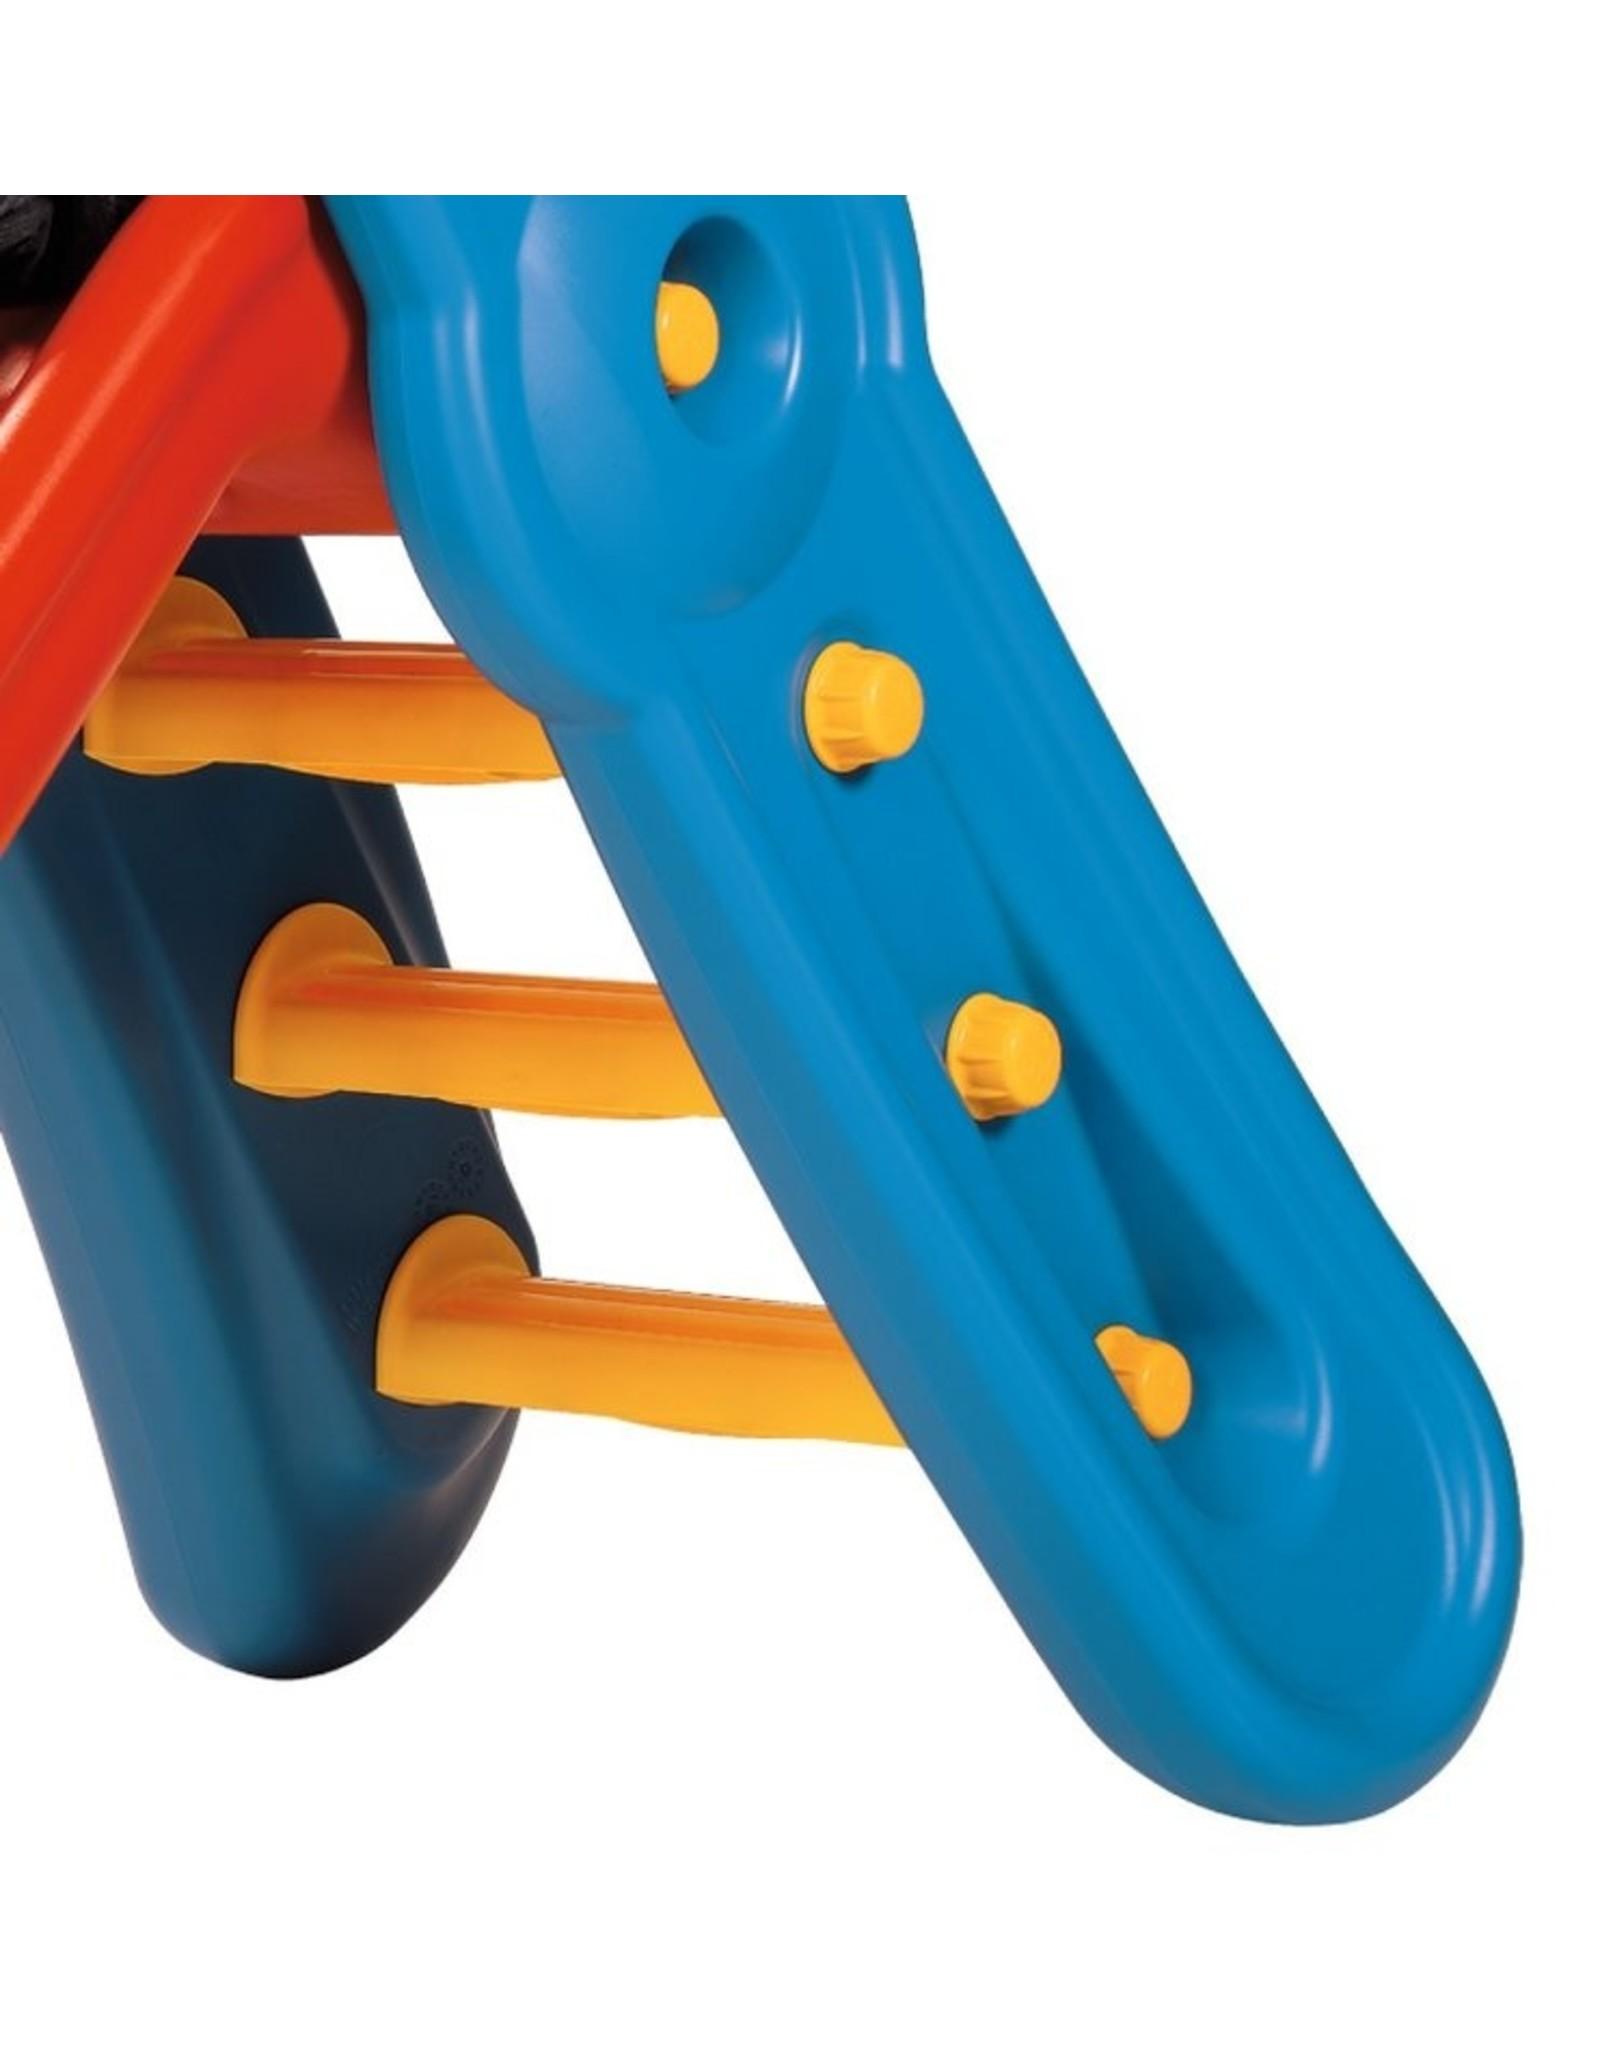 BIG Moeren set (8x) voor BIG Fun slide